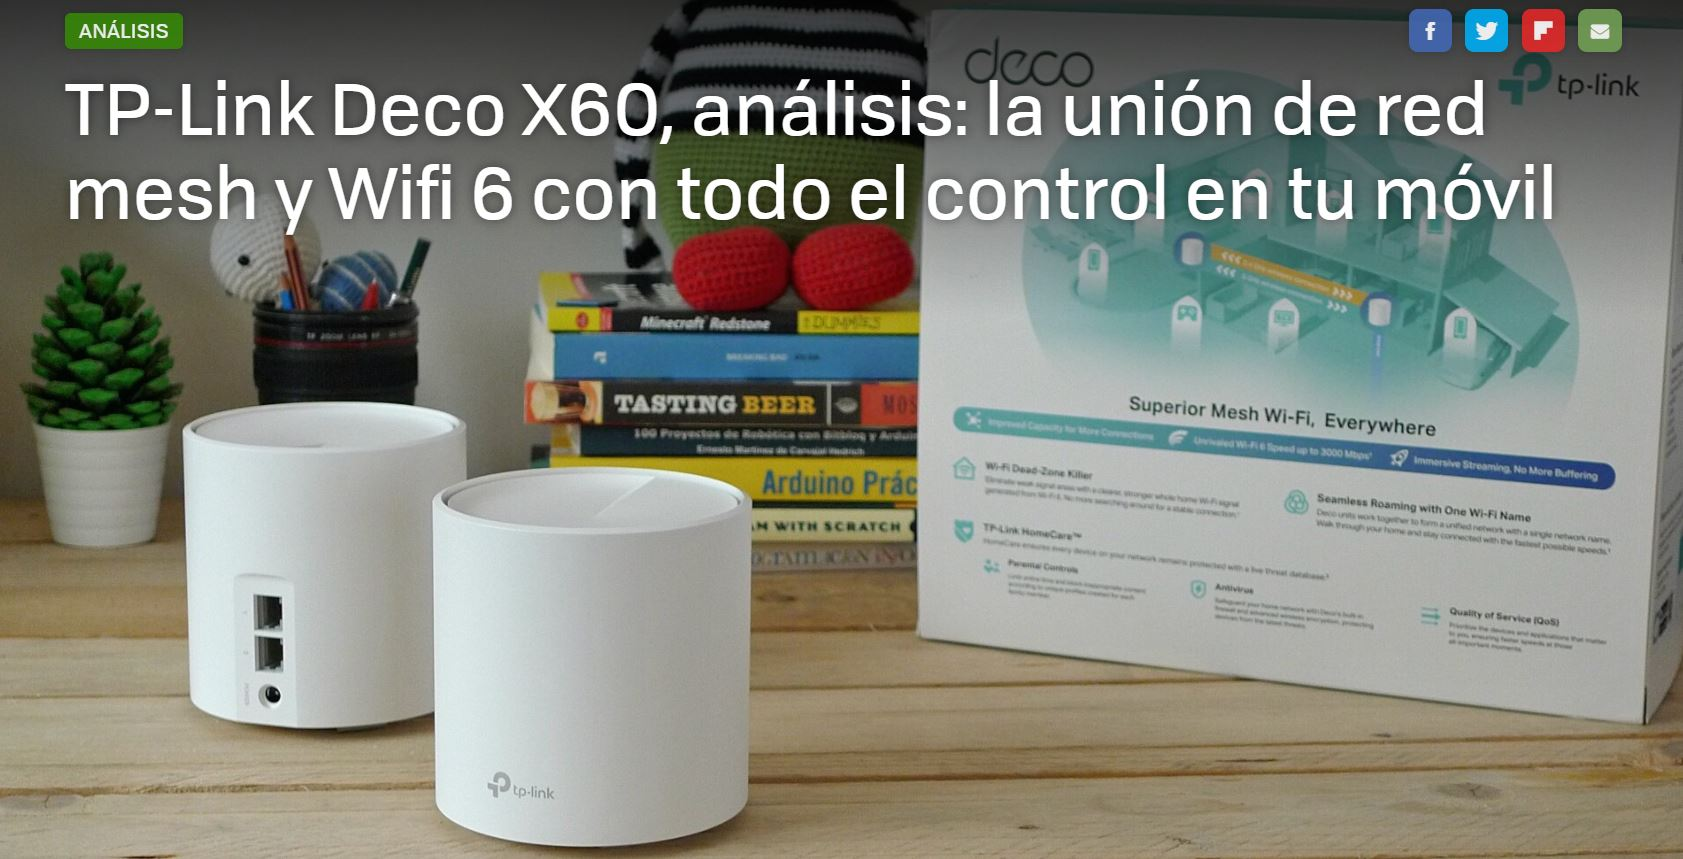 Xataka: TP-Link Deco X60, análisis: la unión de red mesh y Wifi 6 con todo el control en tu móvil